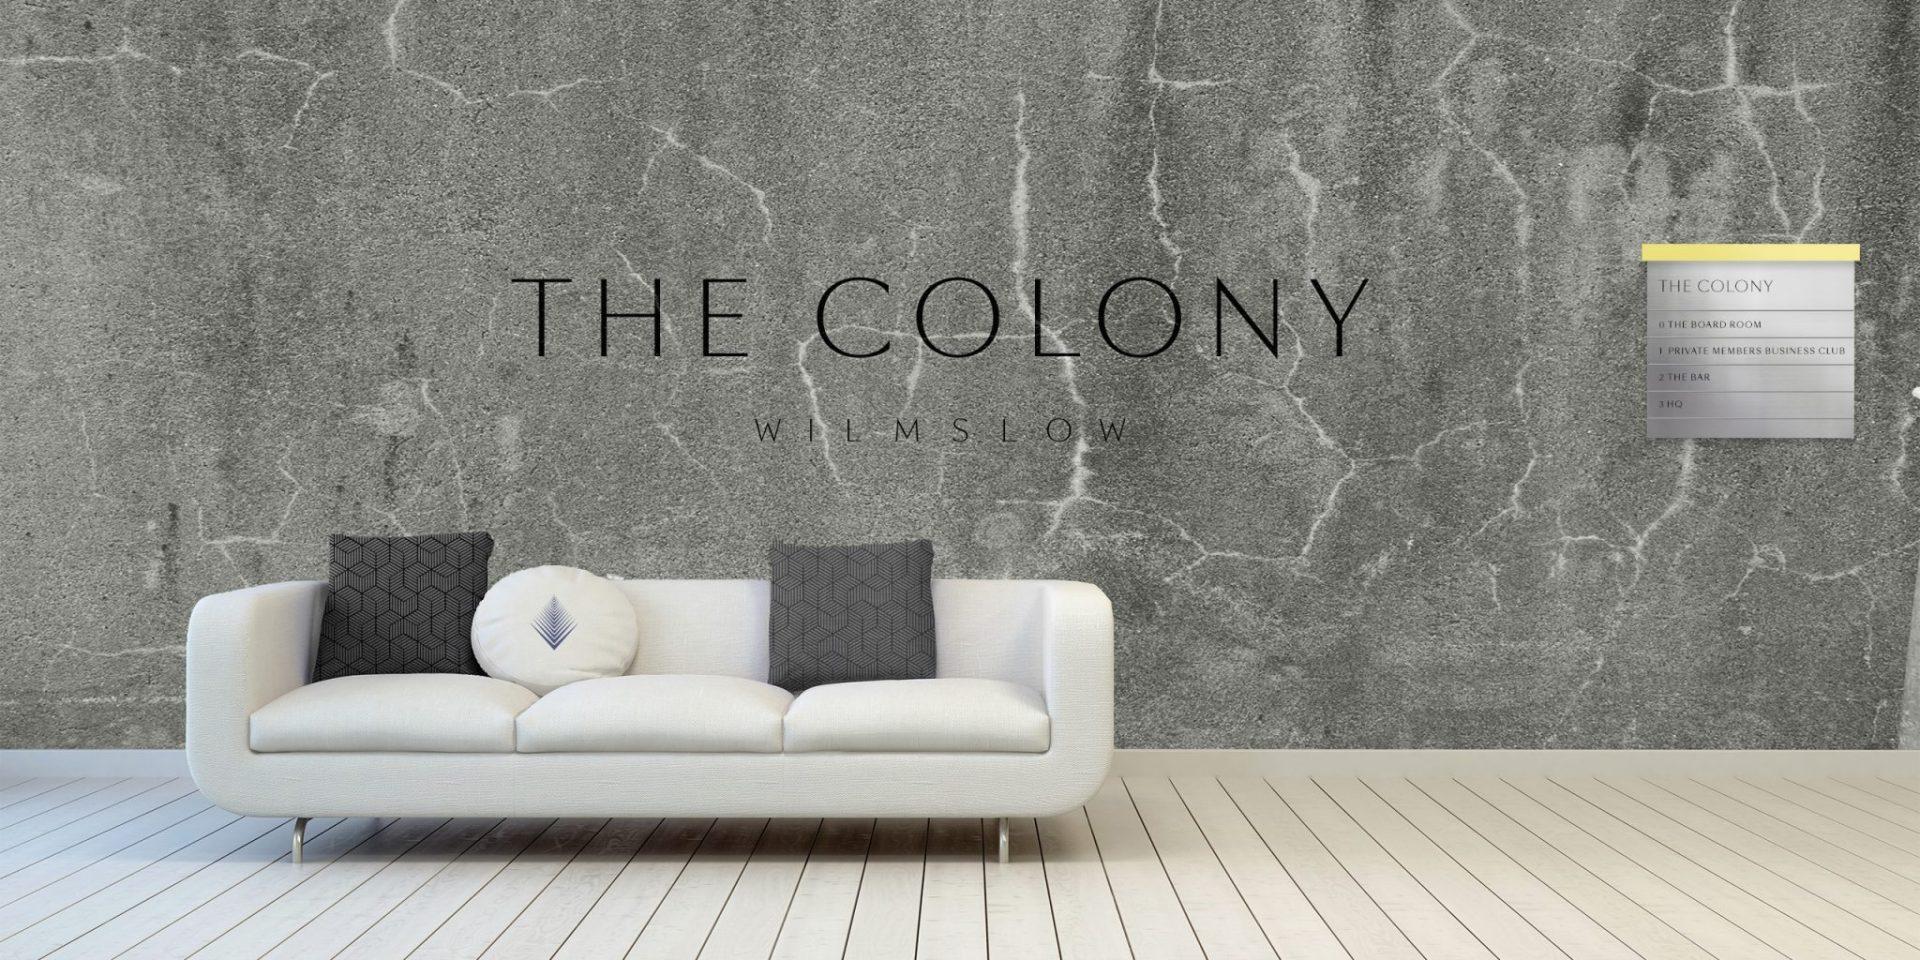 The-Colony-Interior-1